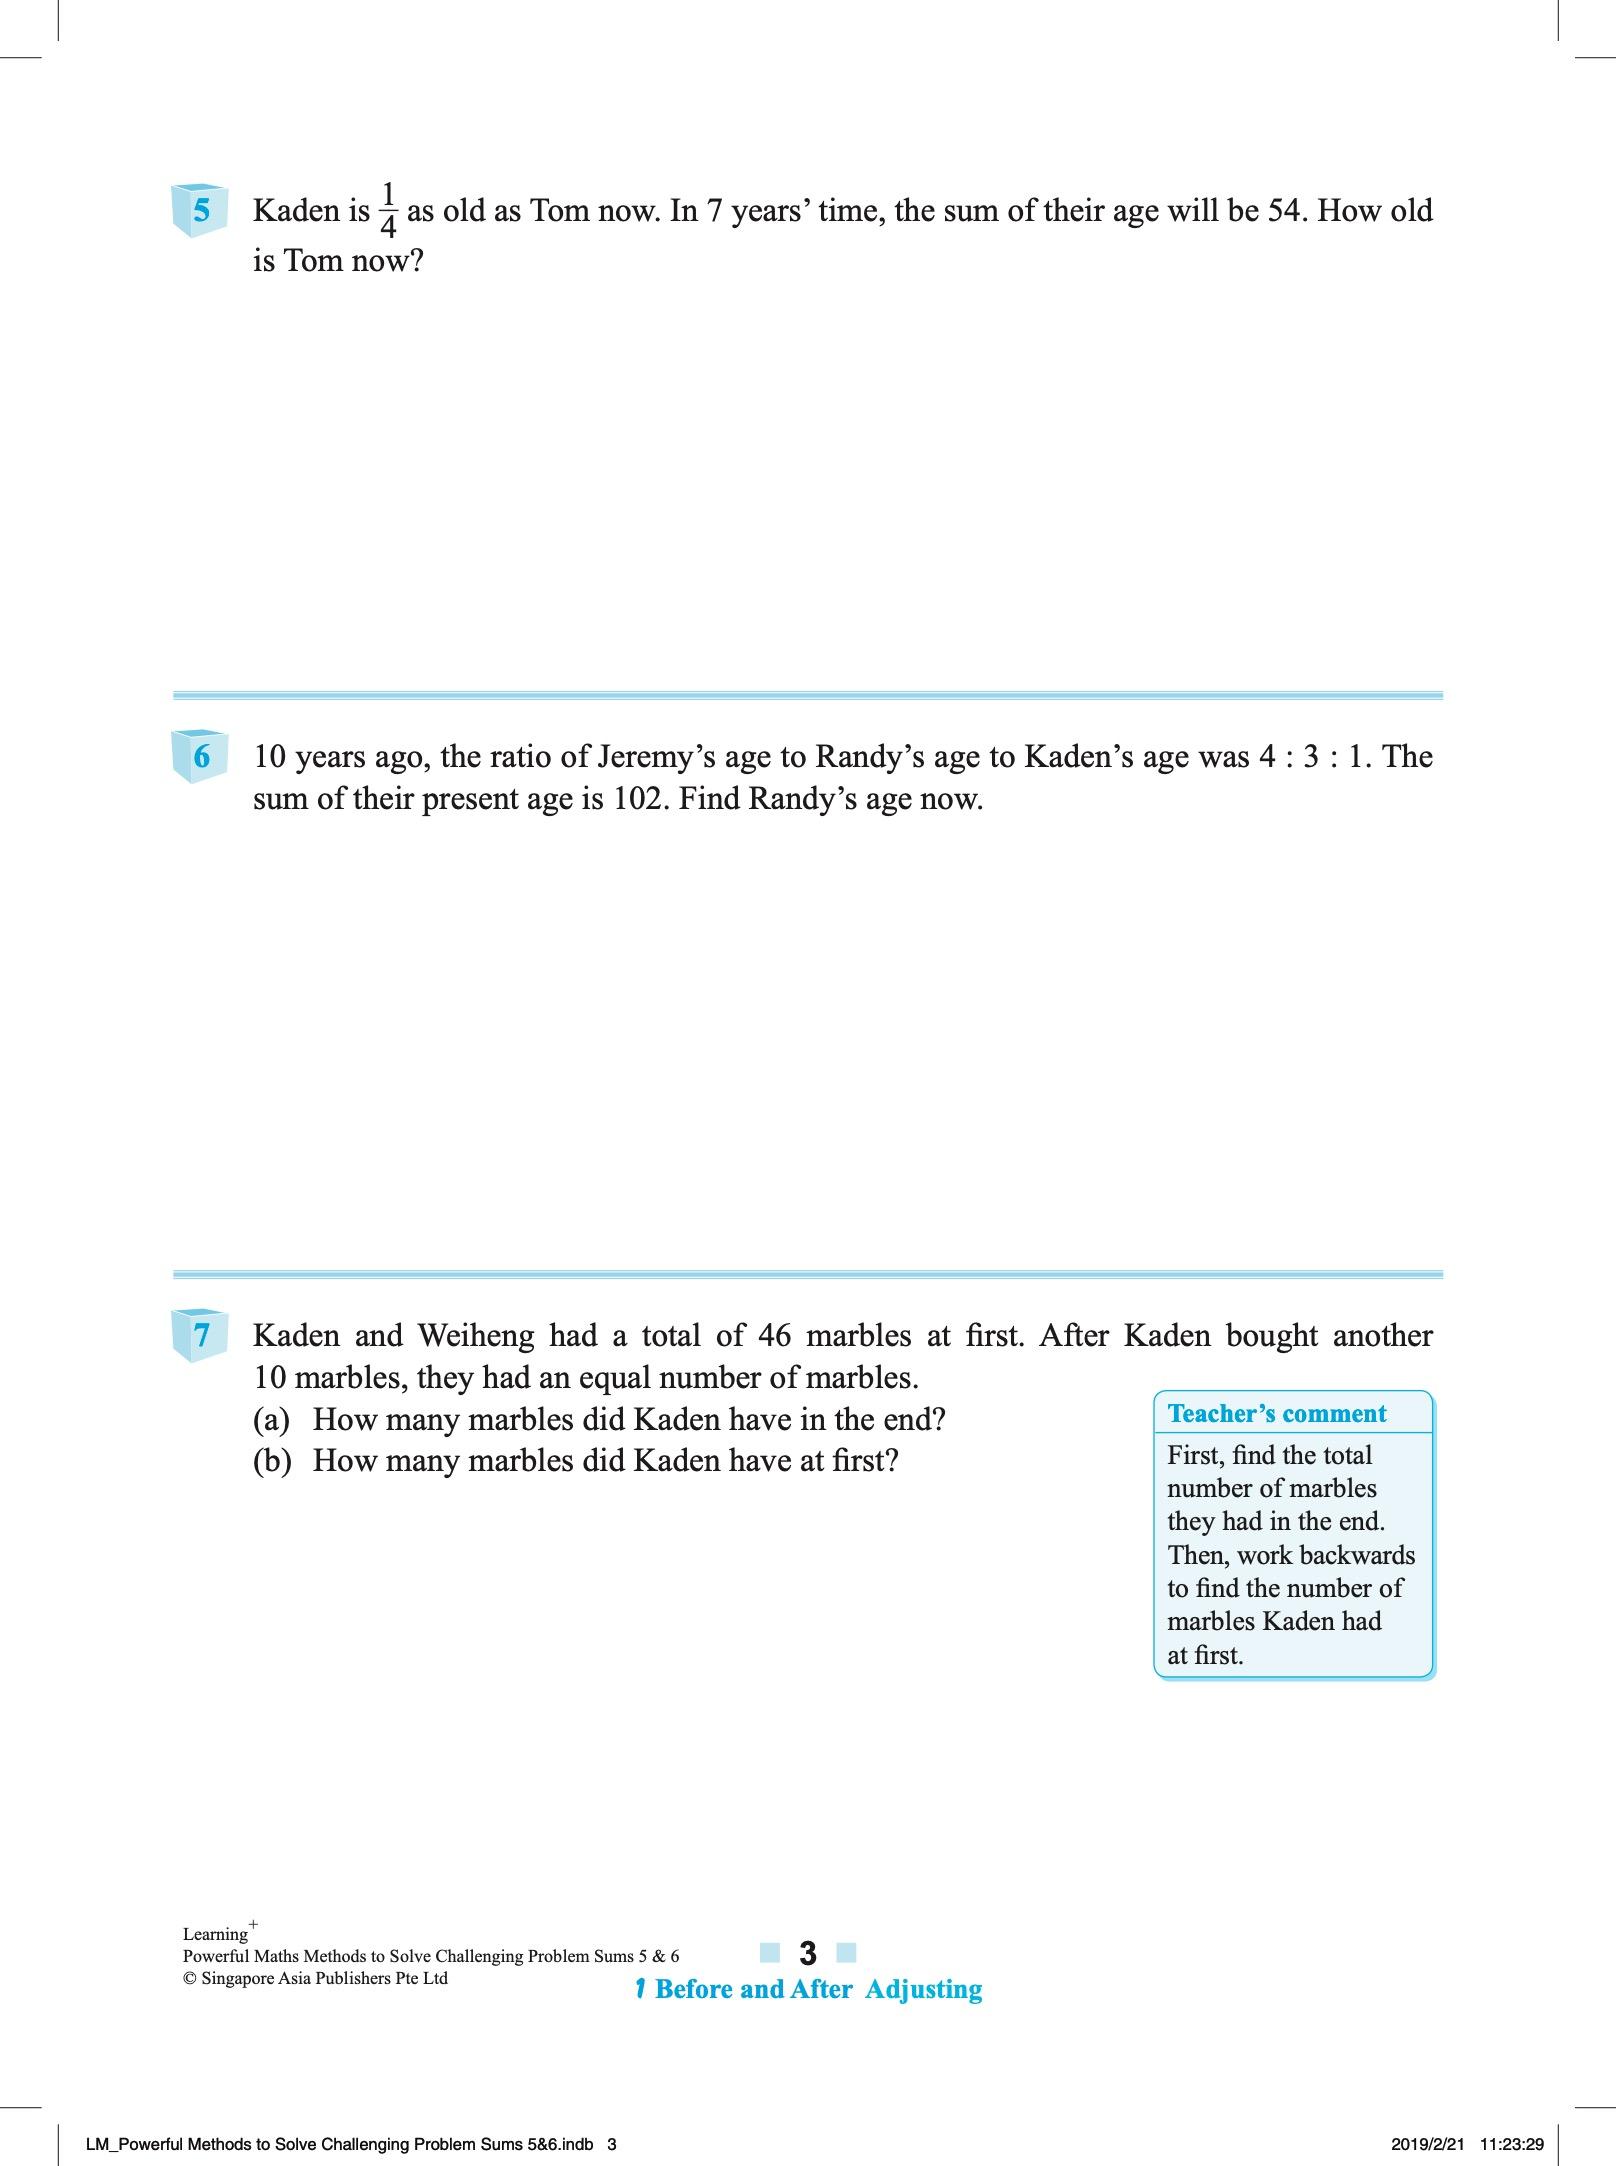 3217713_Preface 7